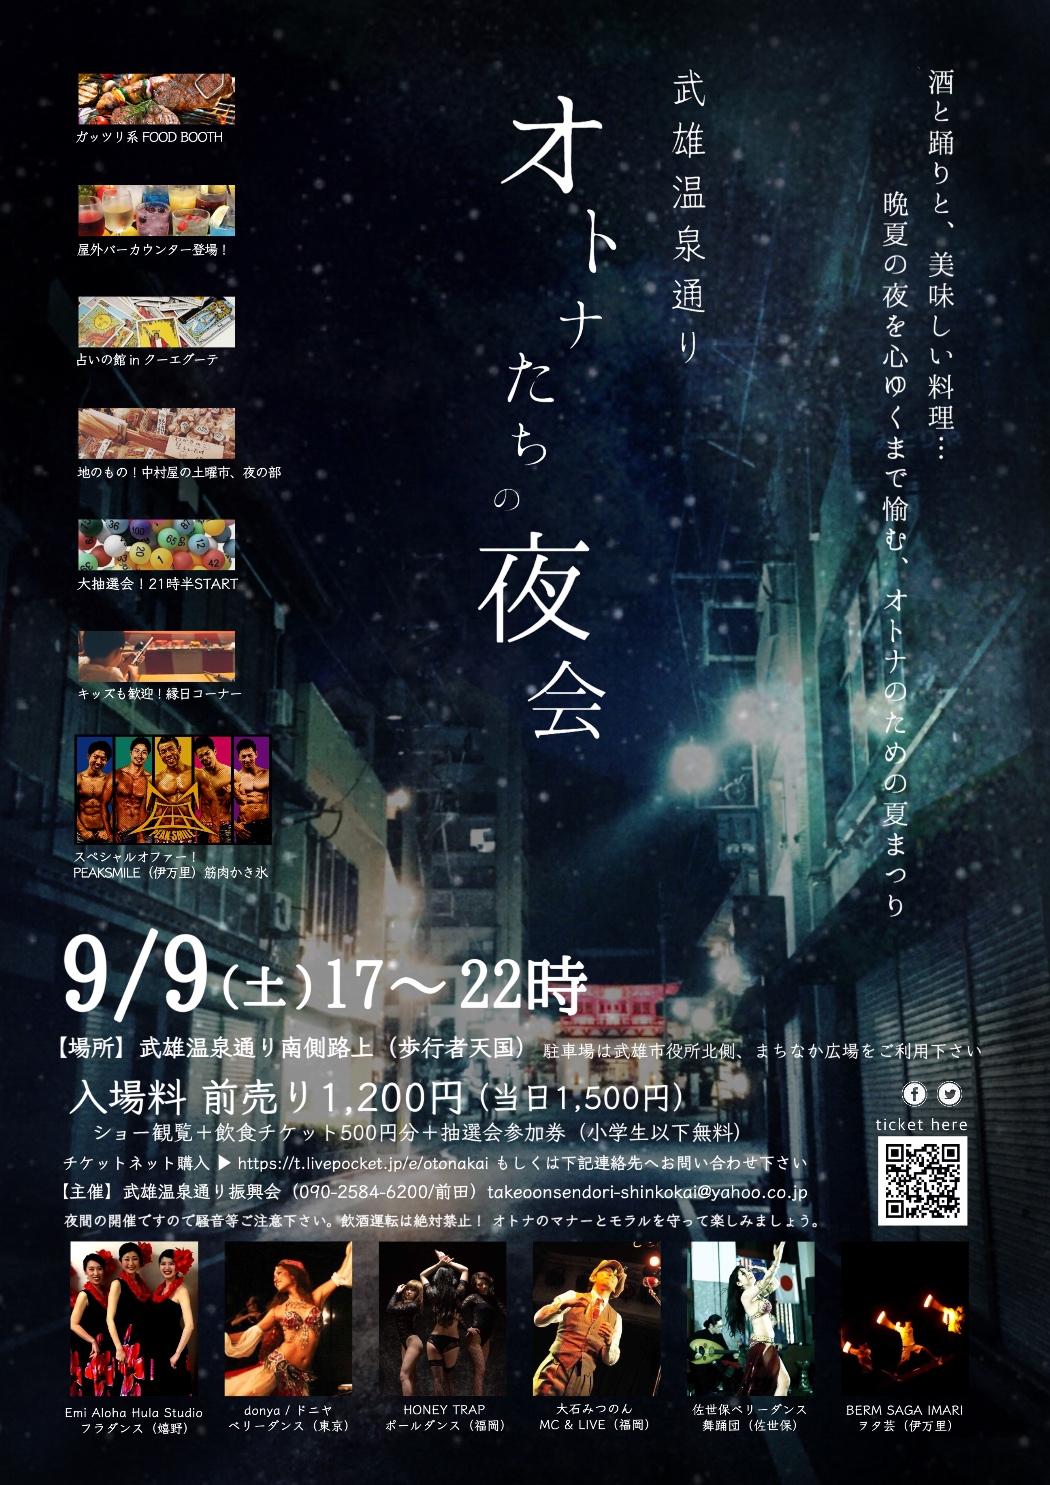 武雄温泉通り オトナたちの夜会